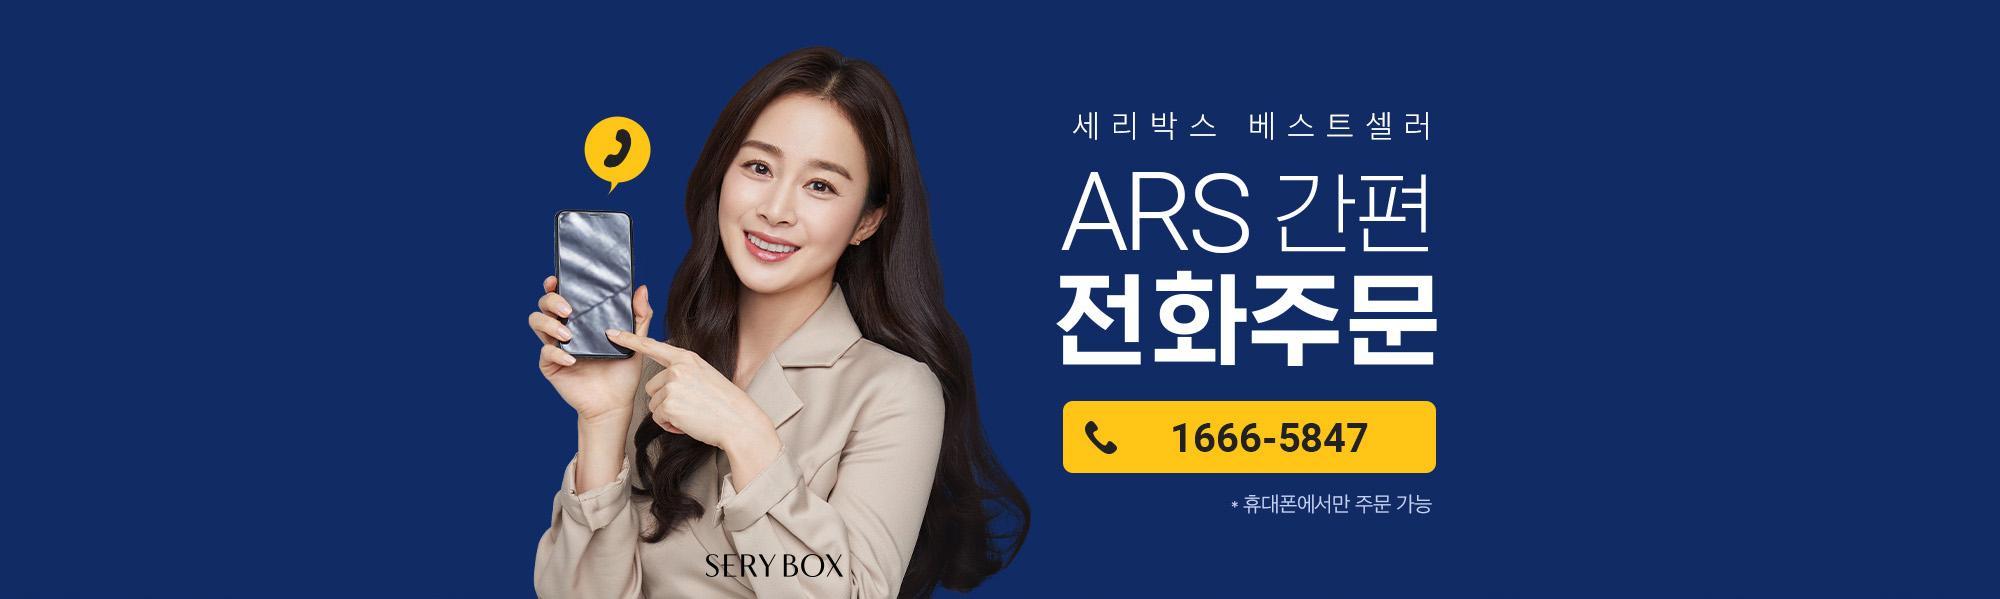 세리박스 베스트셀러 ARS 간편 전화주문